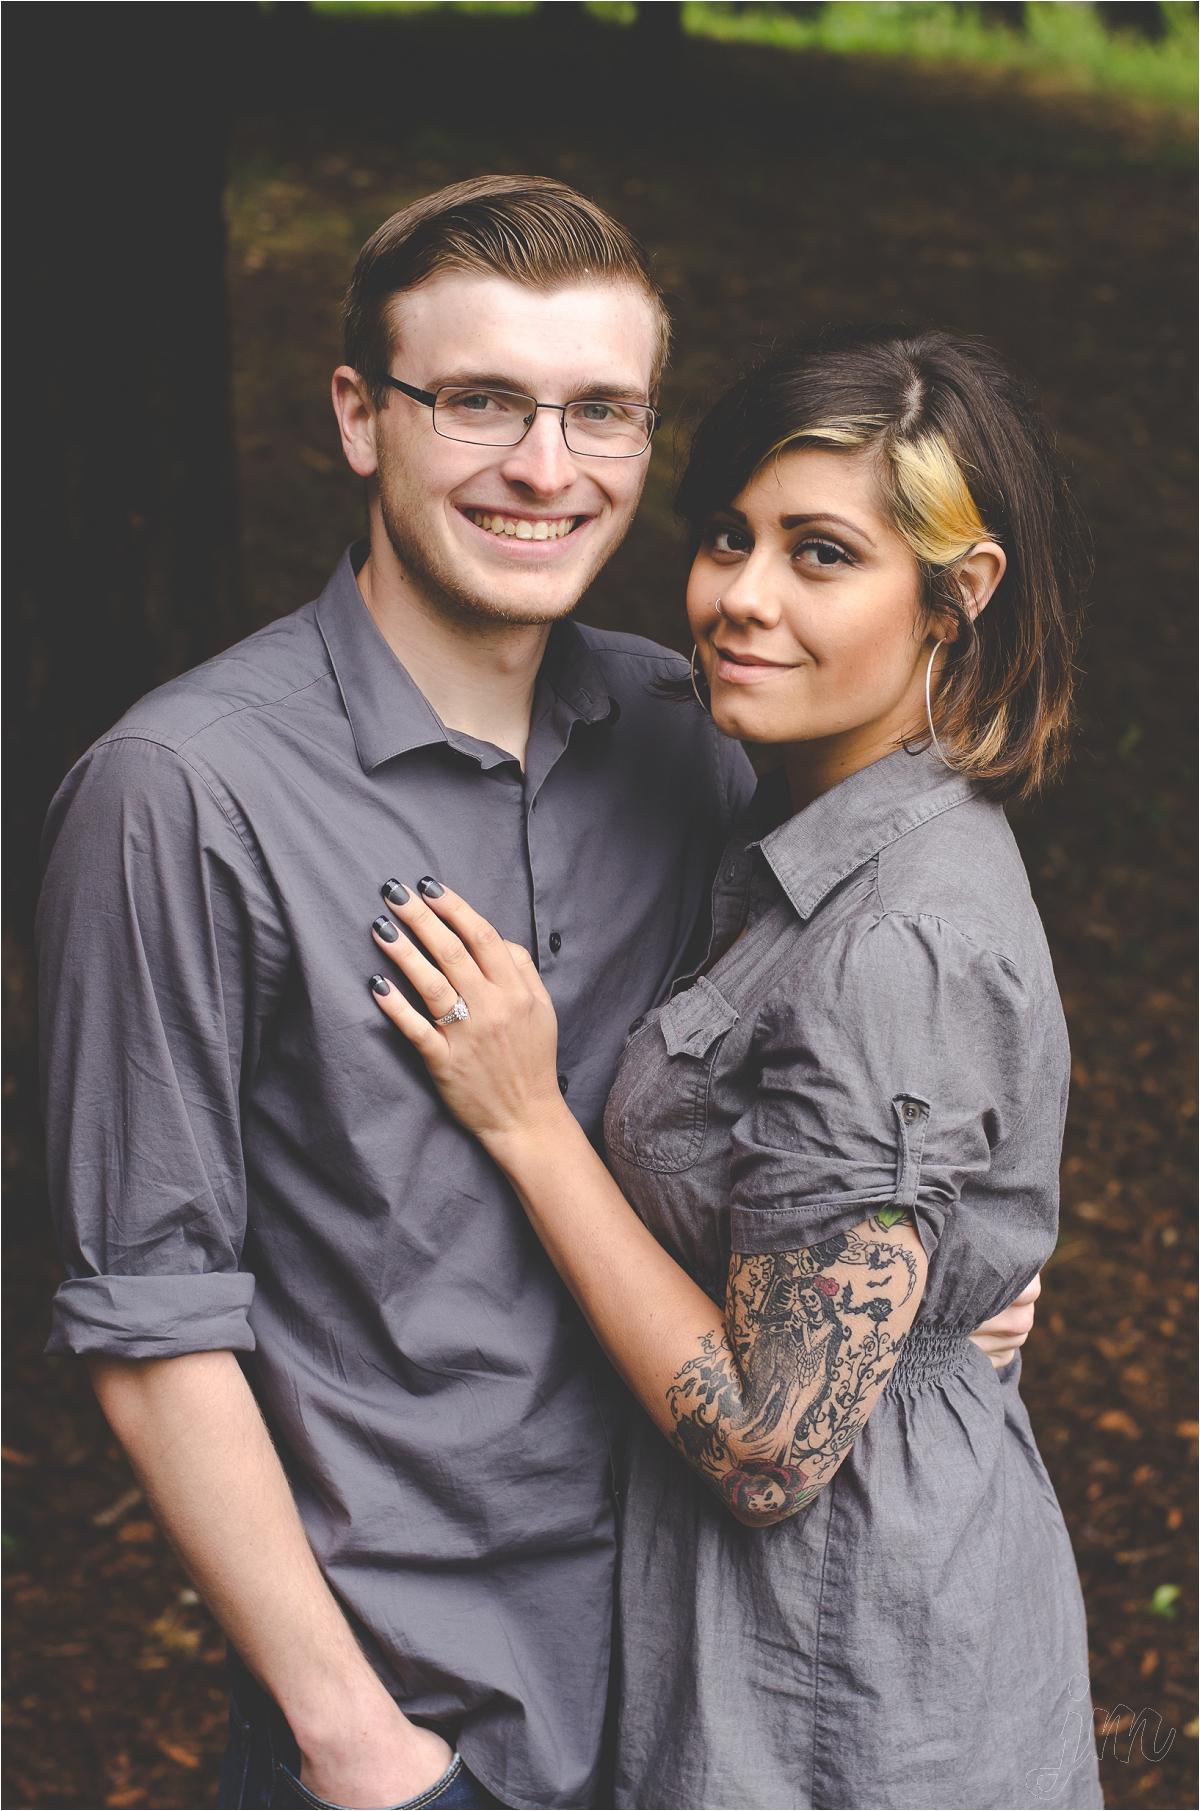 vancouver-washington-engagement-jannicka-mayte_0036.jpg